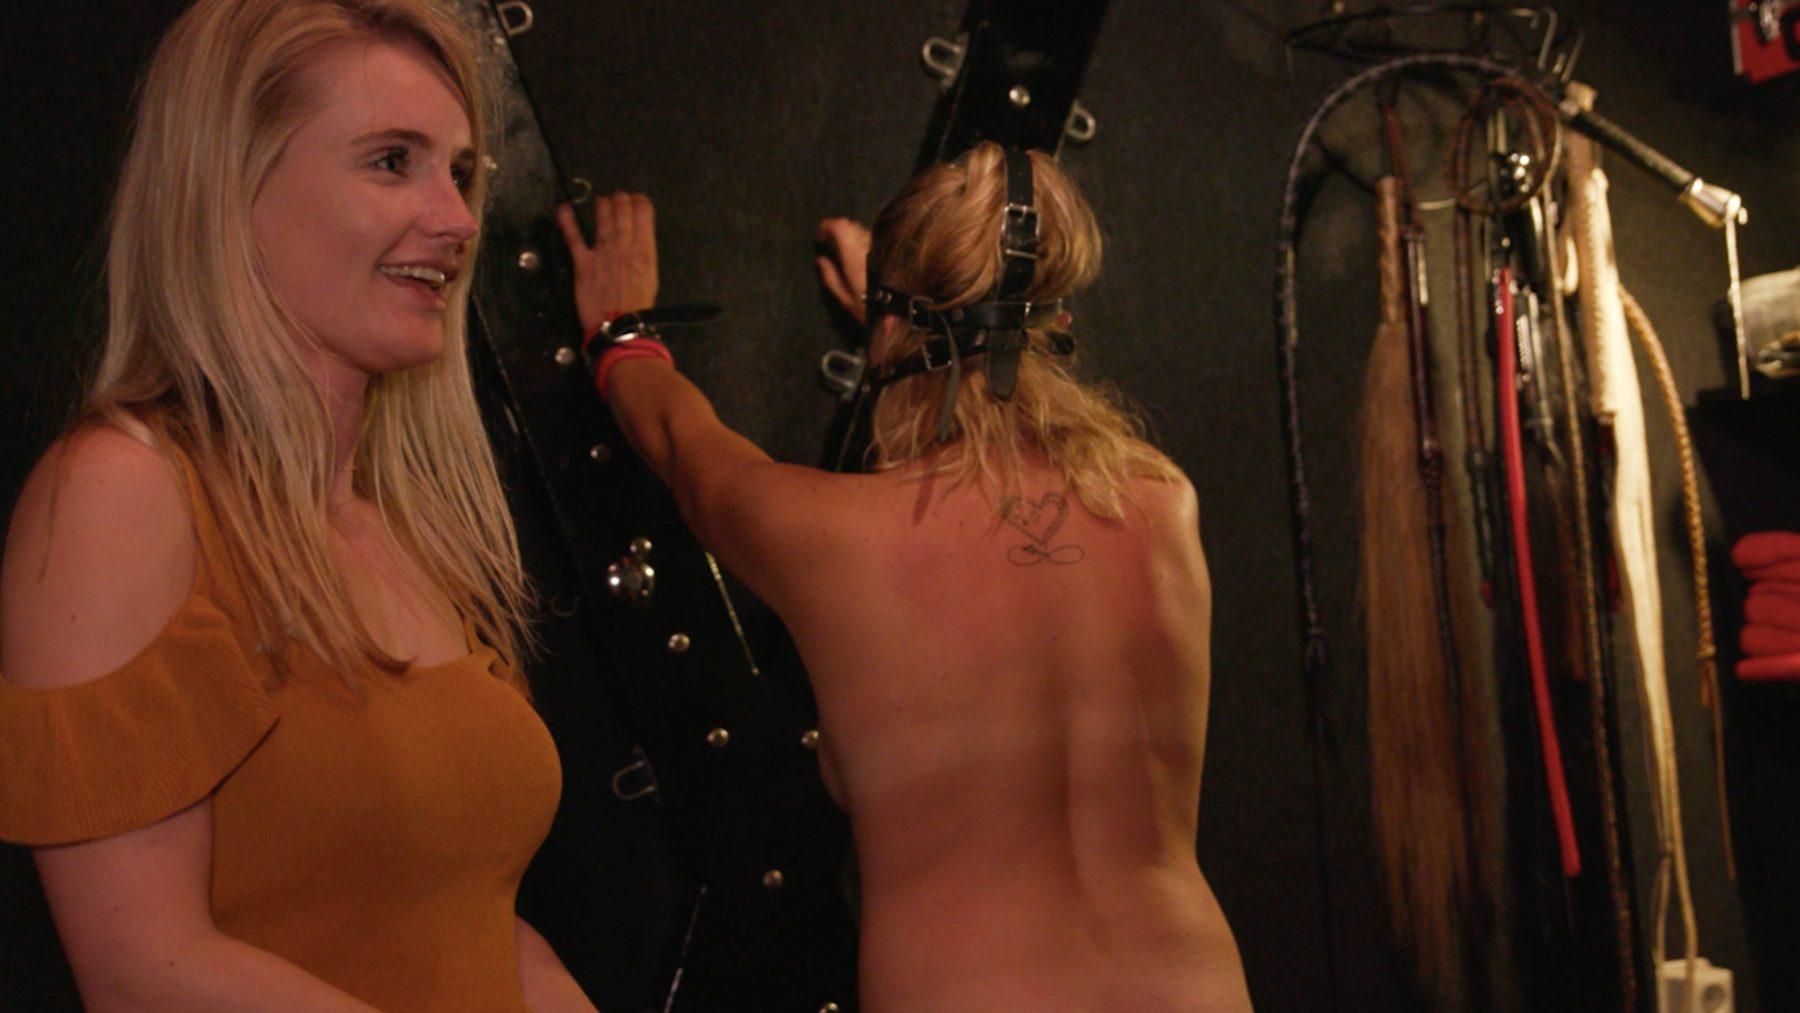 Marith gaat langs bij Manita en haar slavin, die een kinky leven leiden